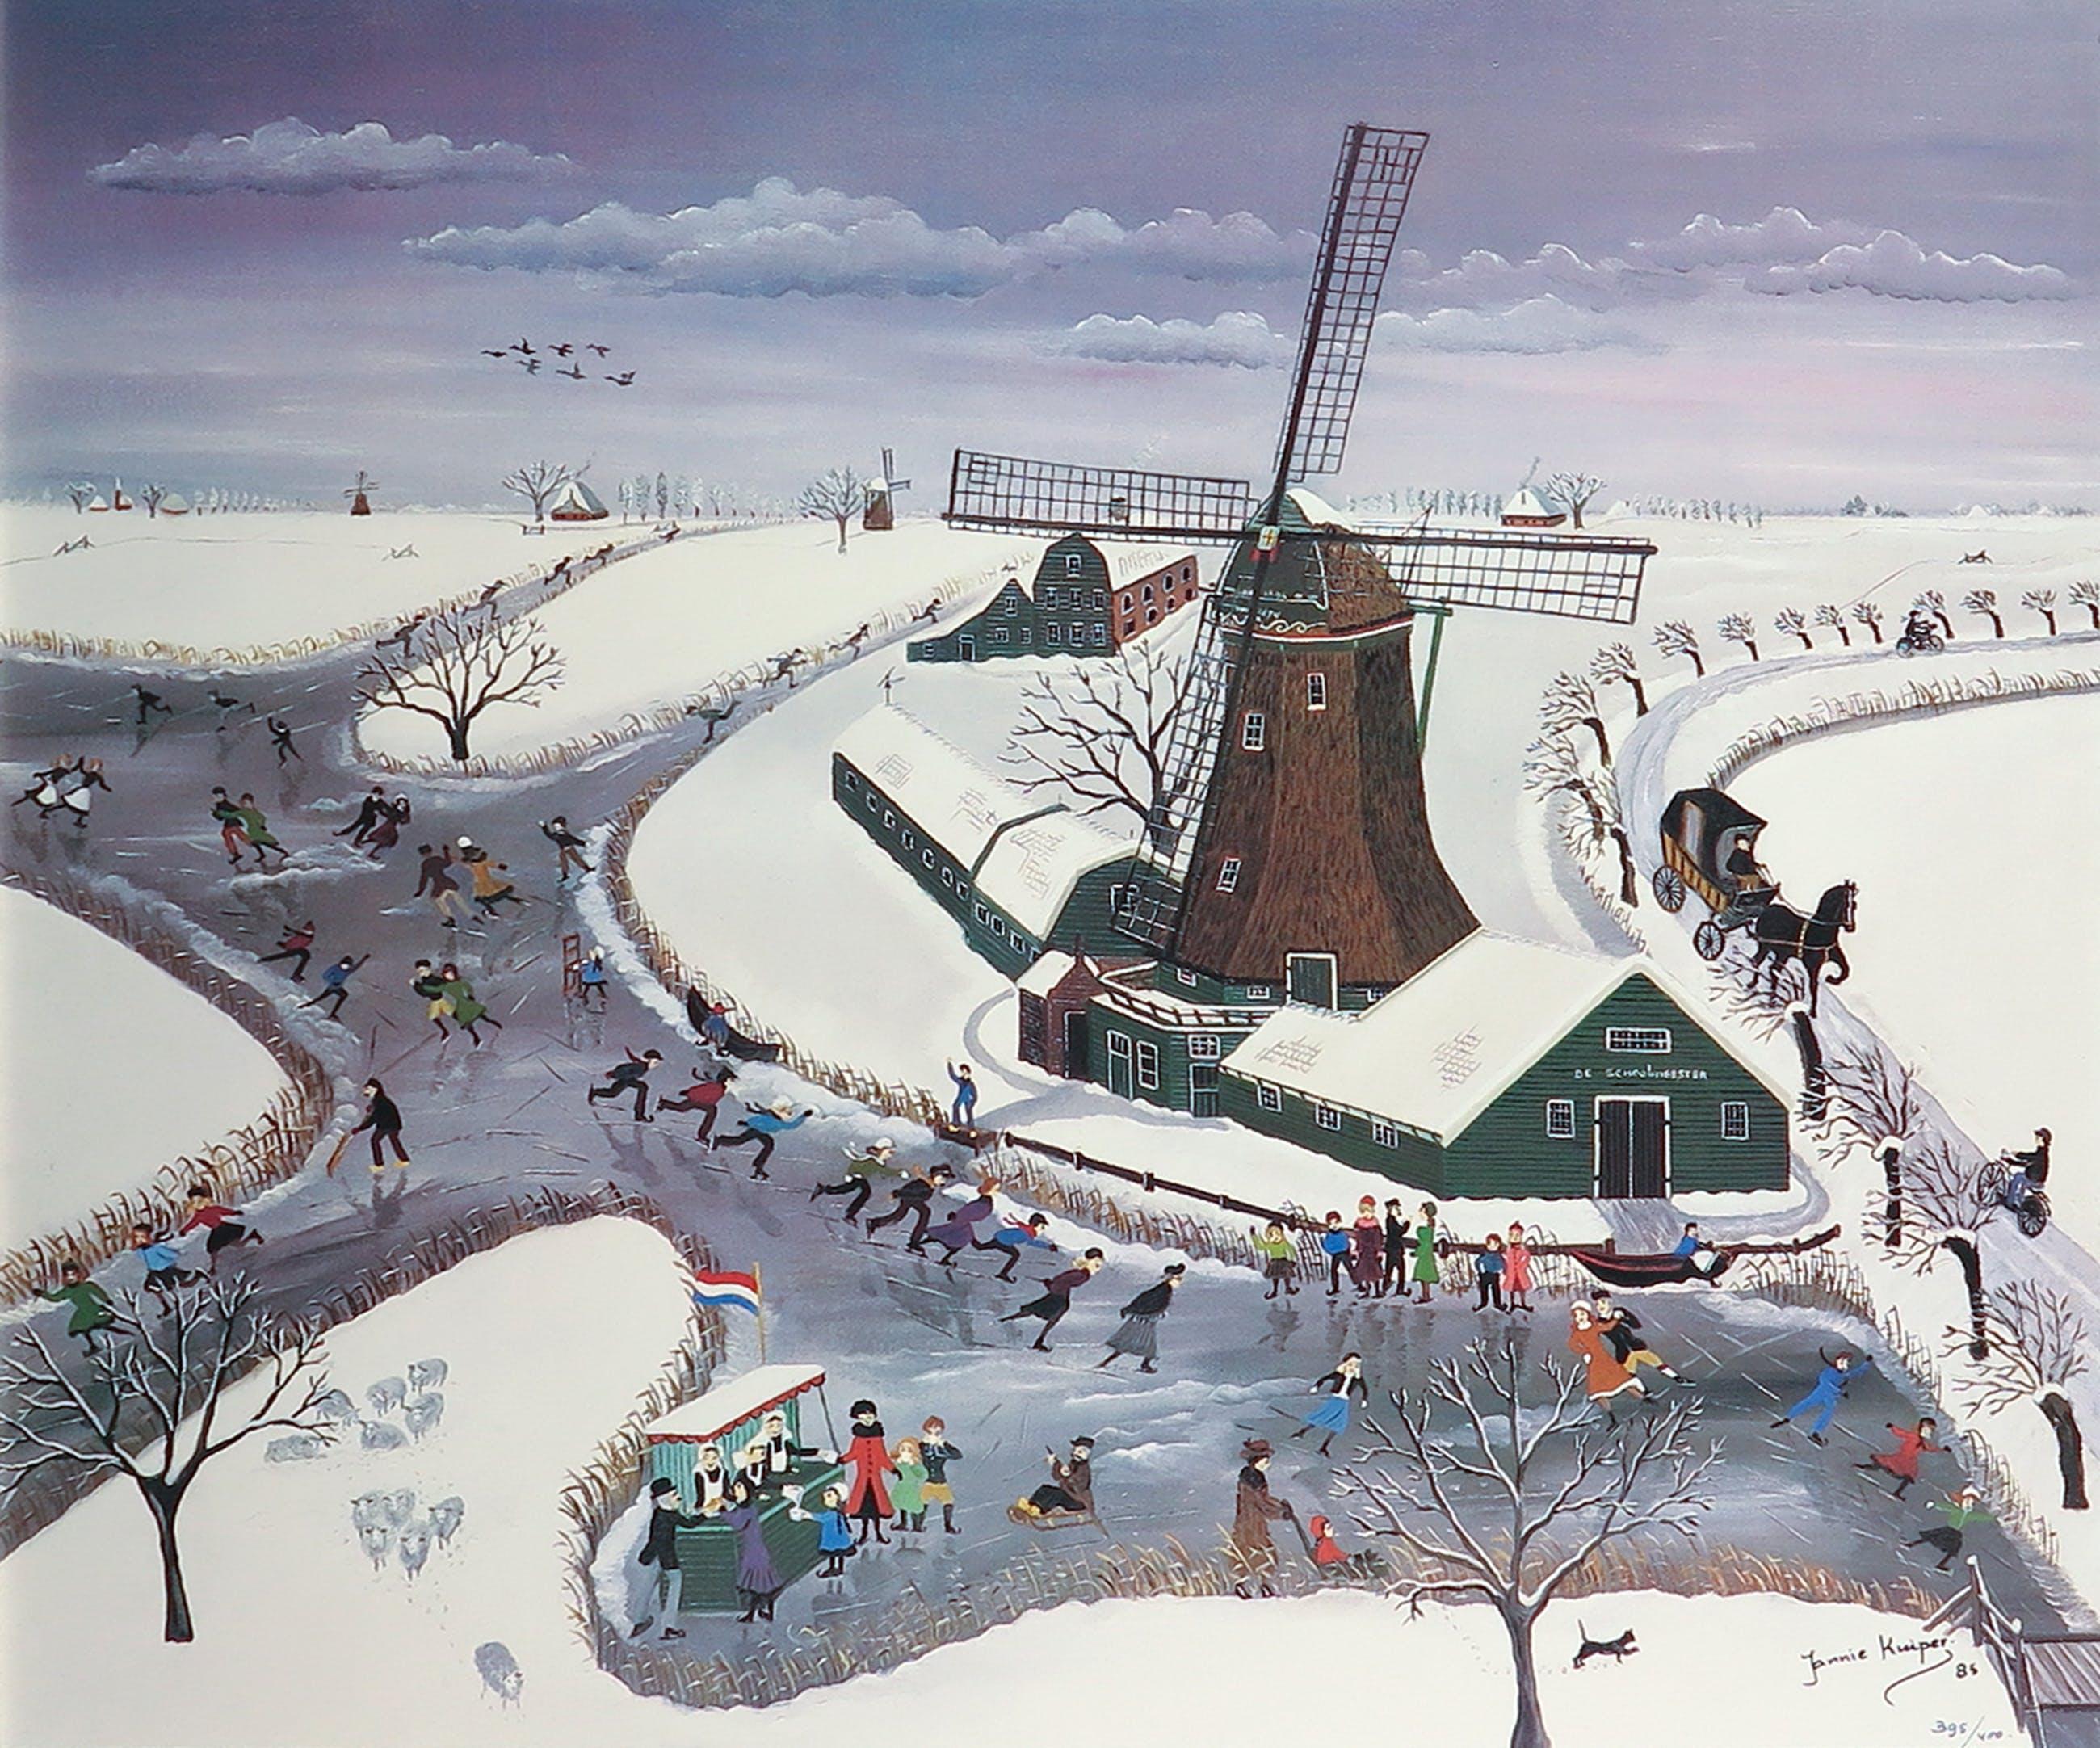 Jannie Kuiper - Artprint, Papiermolen 'De Schoolmeester' - Ingelijst kopen? Bied vanaf 50!